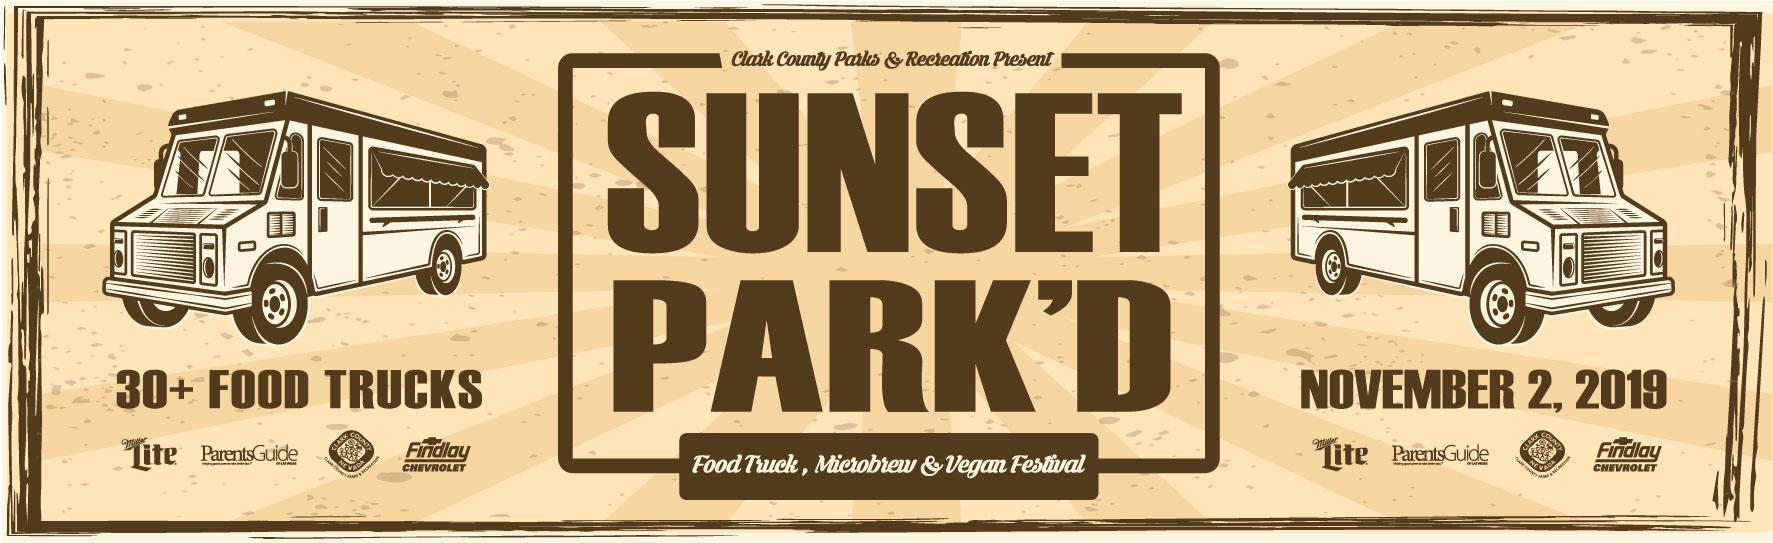 Sunset Parkd Food Trucks 1773x543